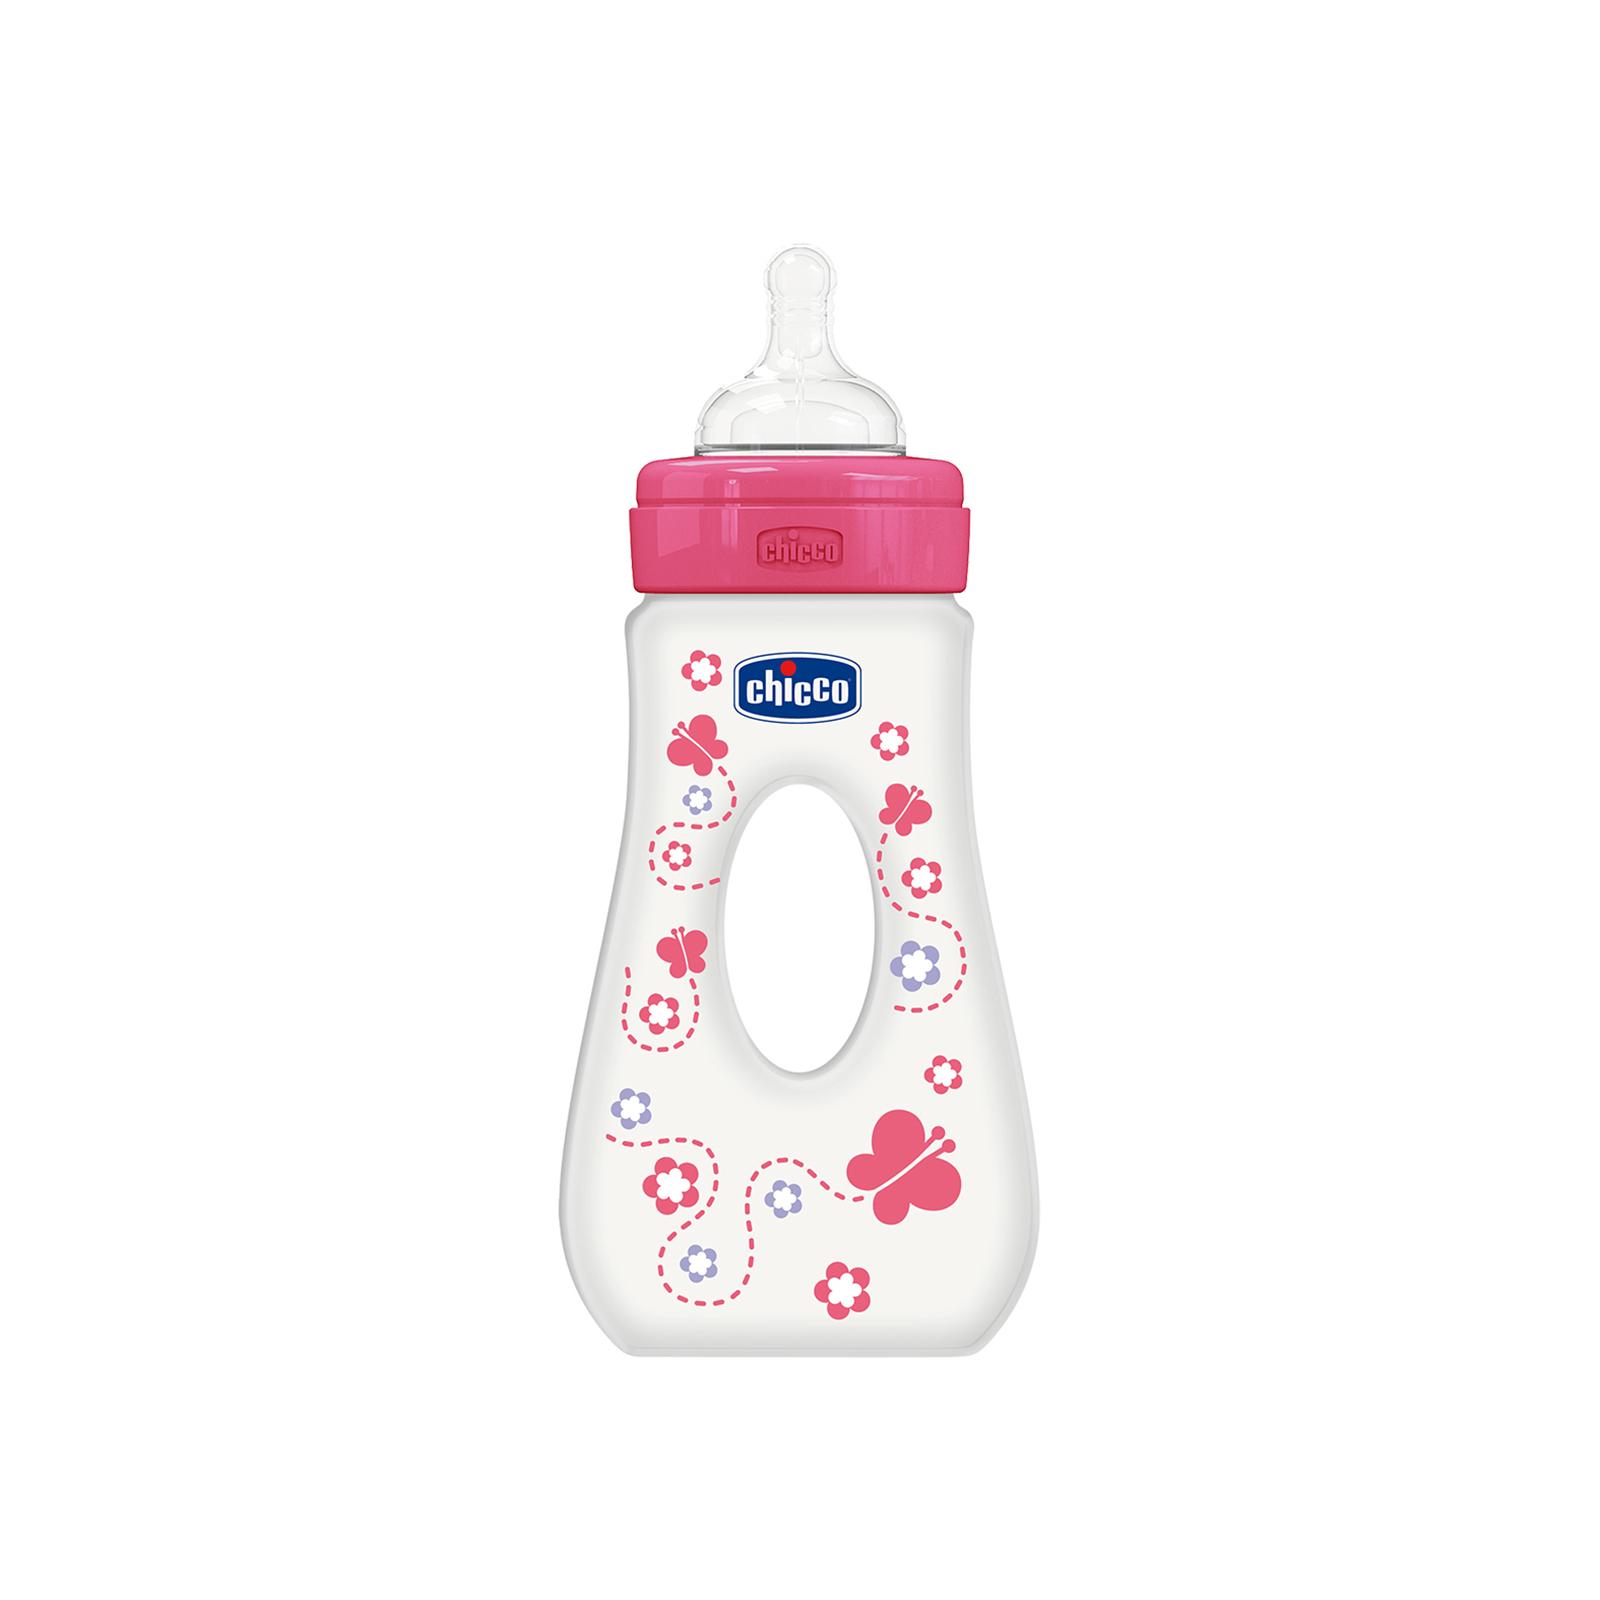 Бутылочка для кормления Chicco Travelling 240 мл с силиконовой соской 4 мес+ для девочек (75725.11)